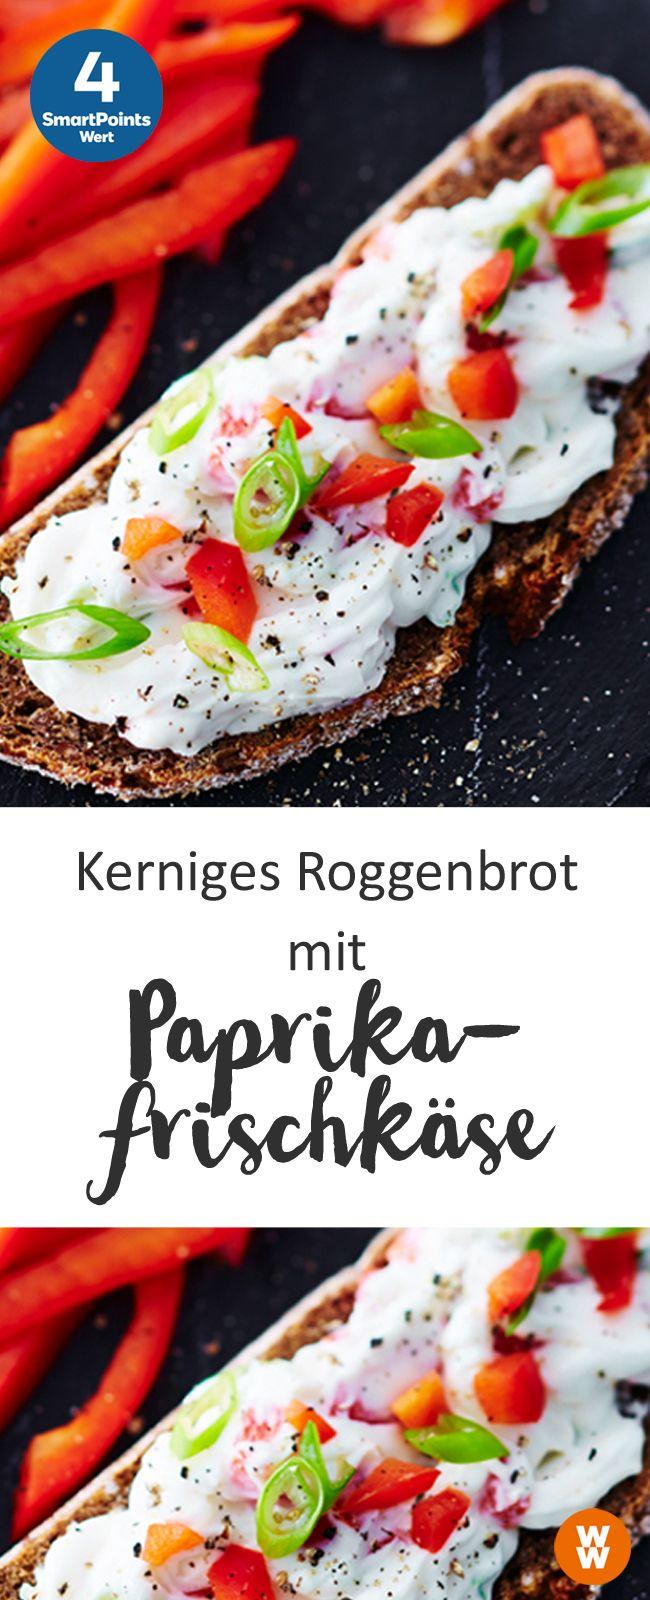 Kerniges Roggenbrot mit Paprikafrischkäse | 4 SmartPoints/Portion, schnell & einfach, Weight Watchers, Frühstück, fertig in 5 Minuten